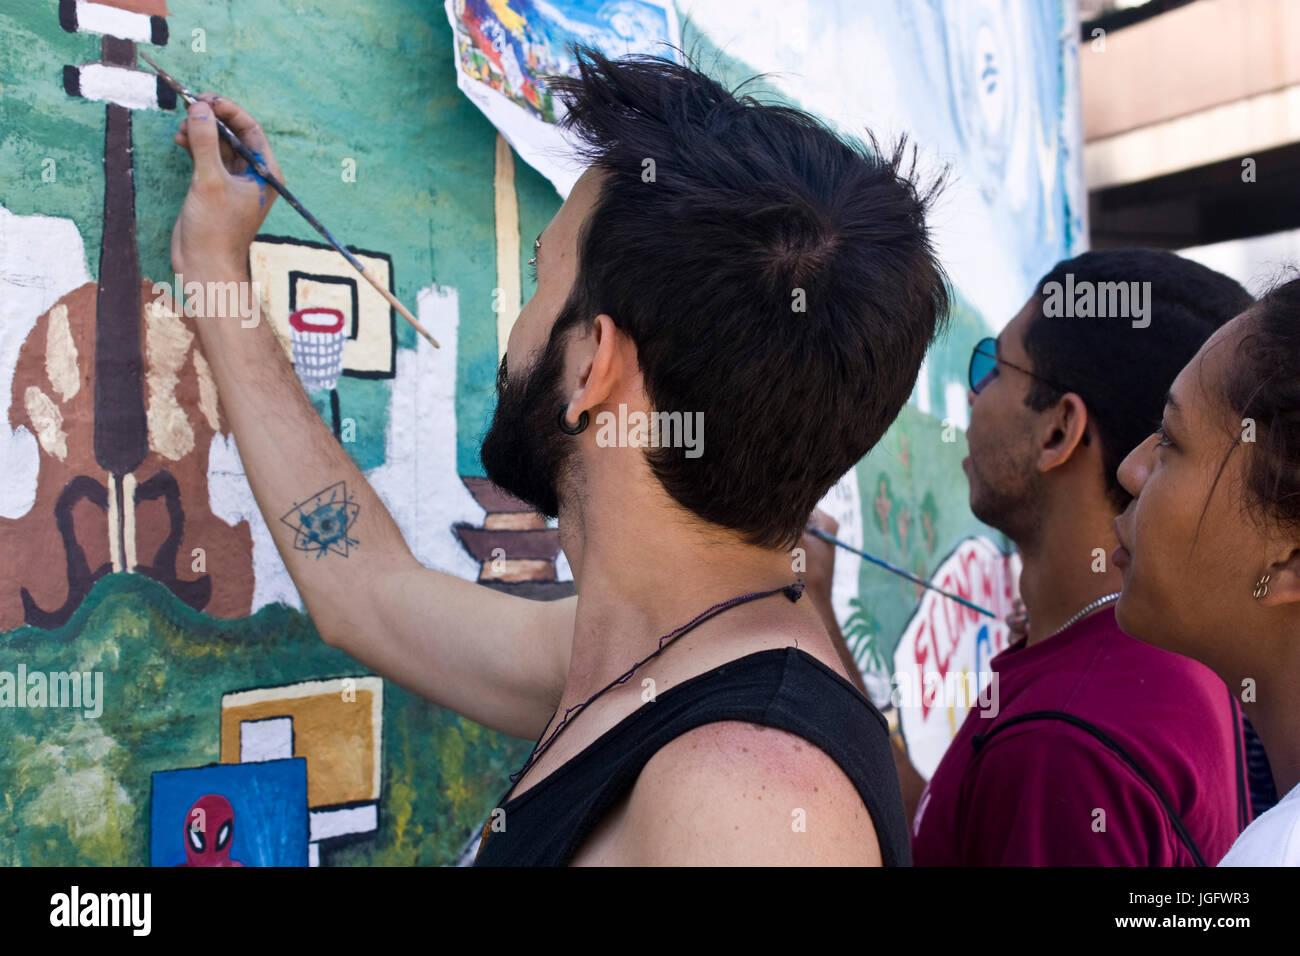 Los manifestantes pacíficos pintó un mural en una calle de Caracas, como una forma de protesta contra Imagen De Stock